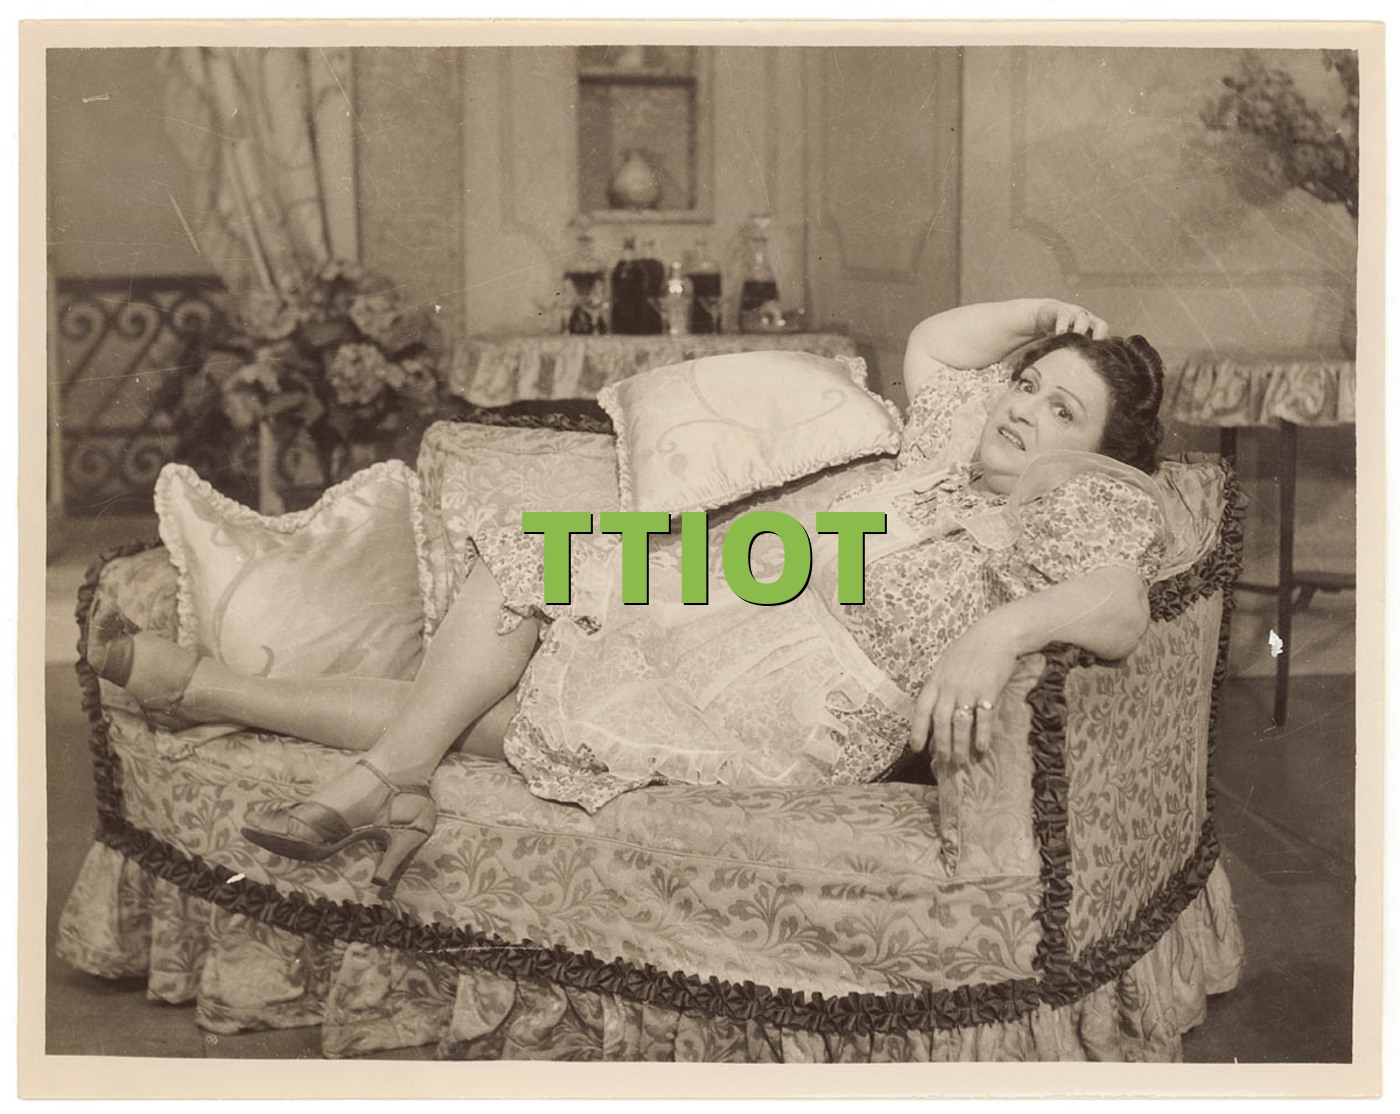 TTIOT